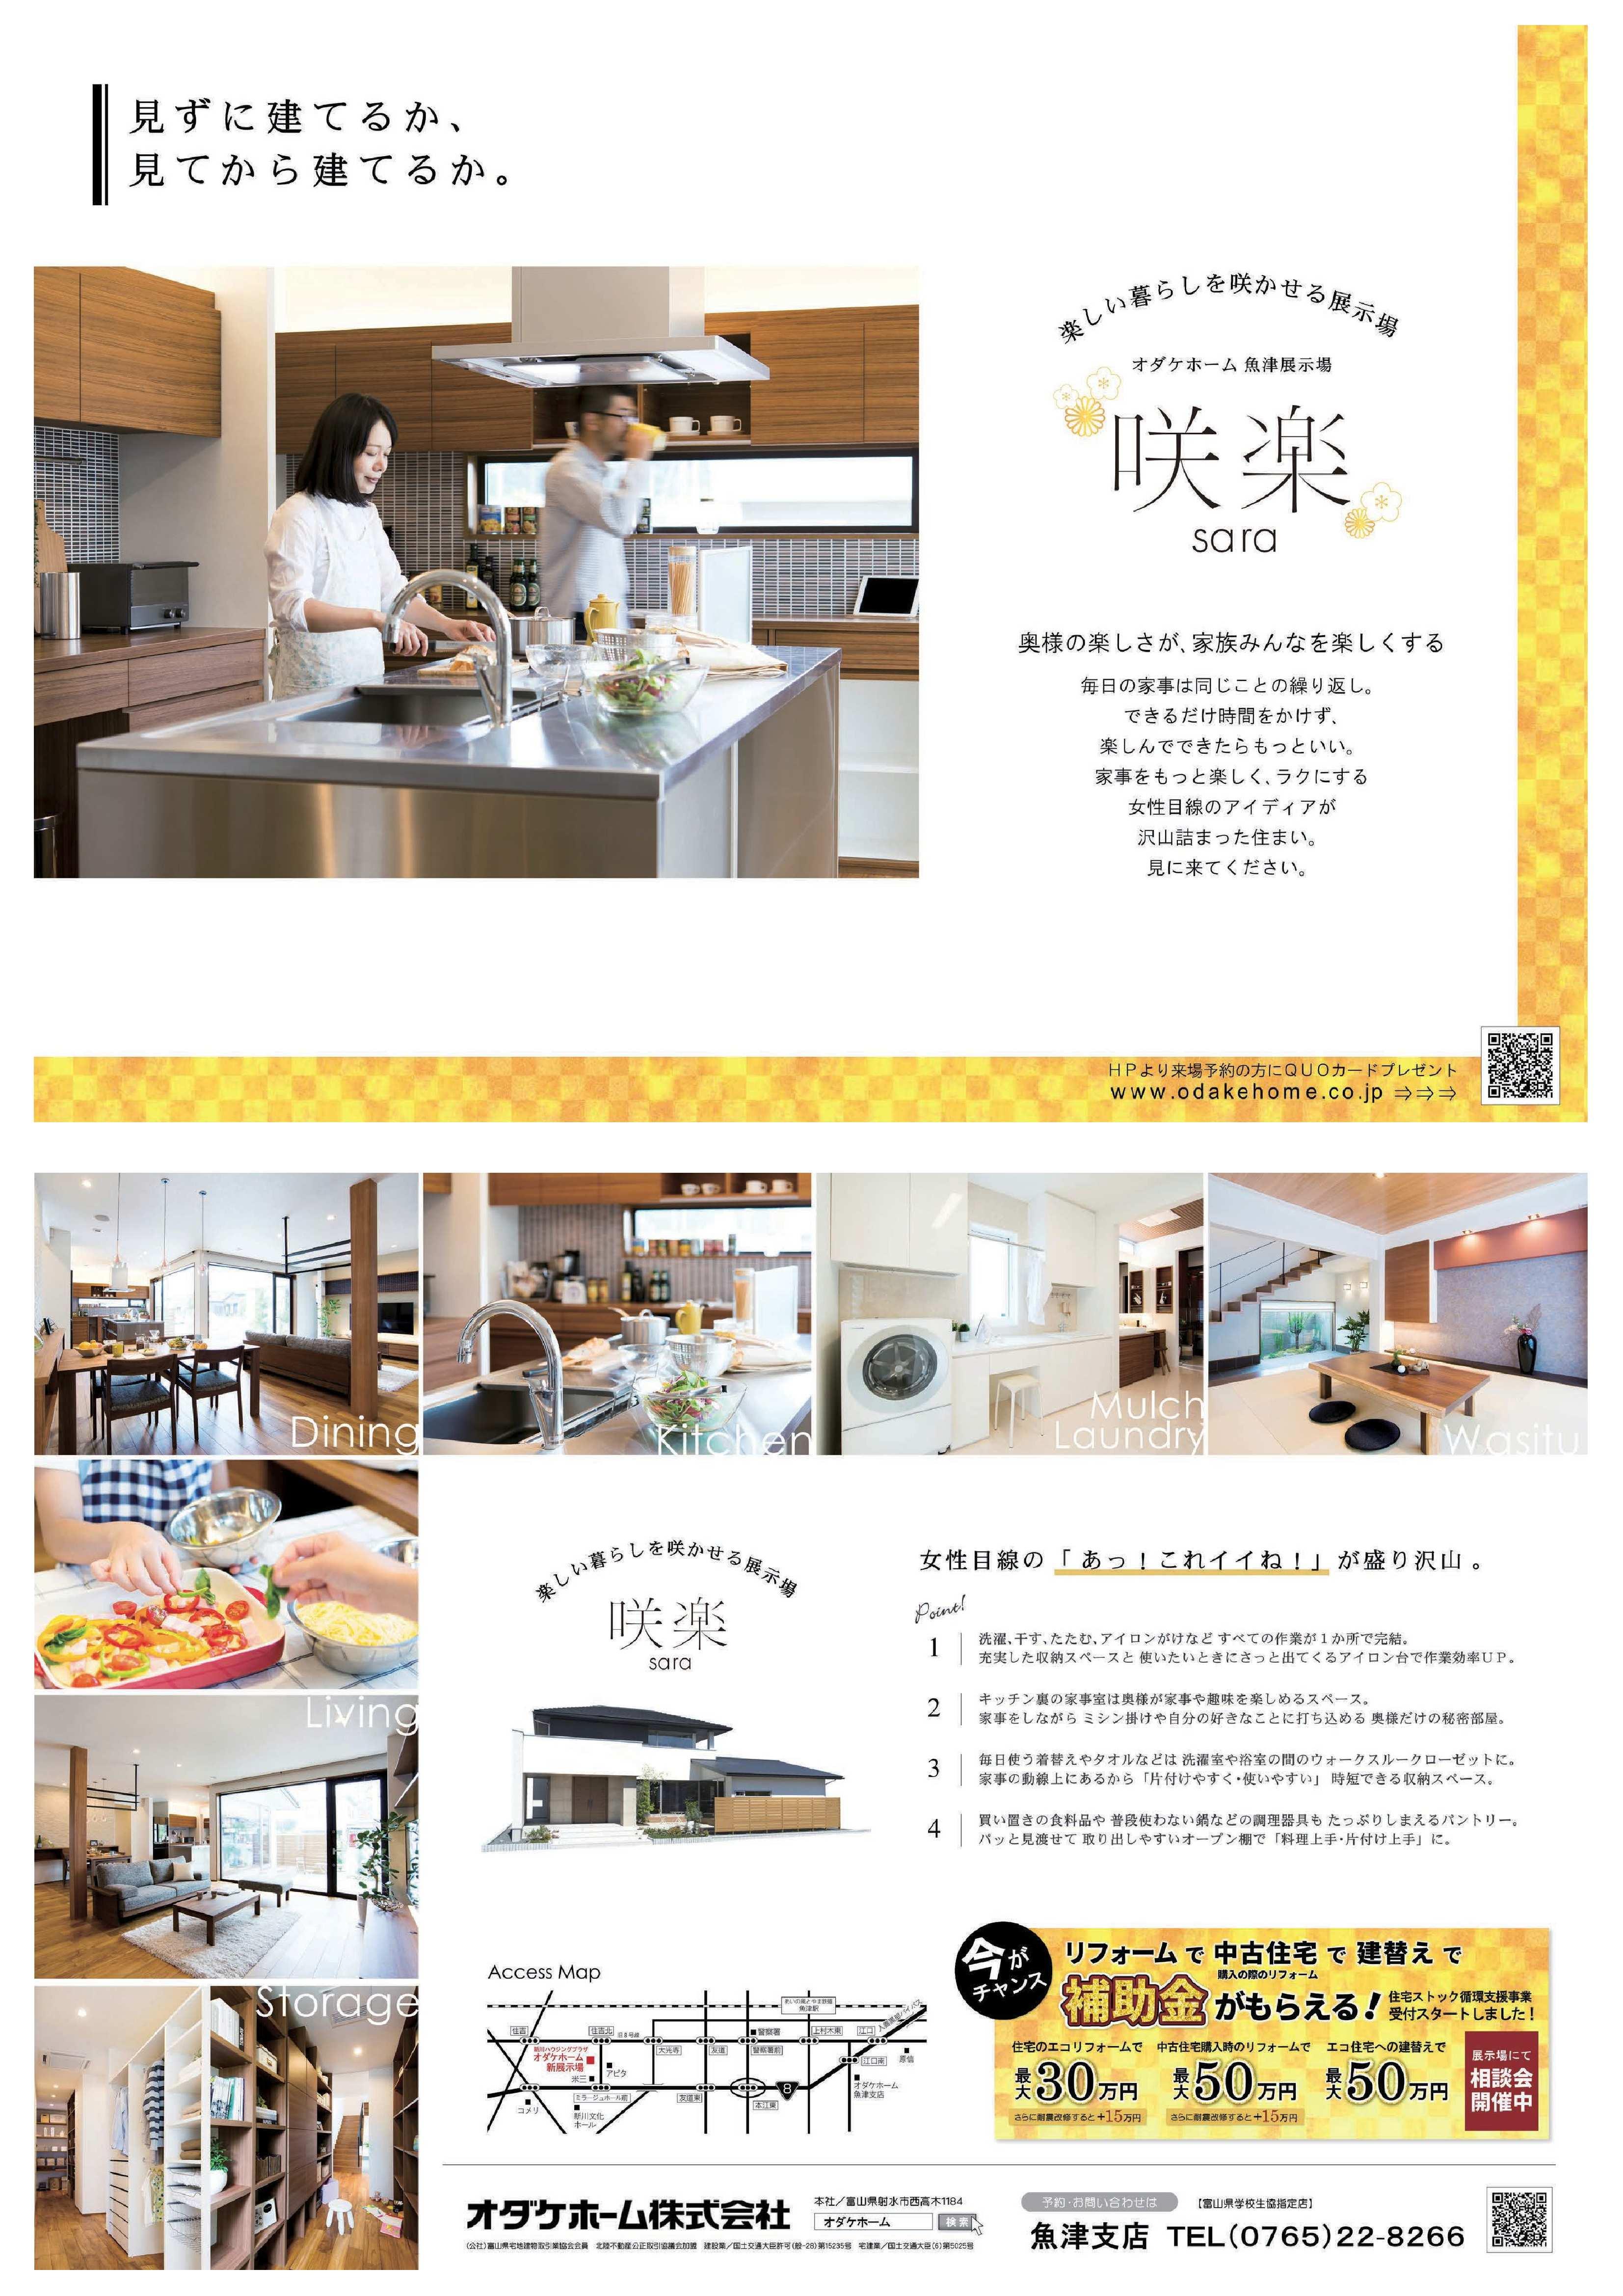 オダケホーム魚津展示場「咲楽sara」へぜひお越しください!【奥様の楽しさが、家族みんなを楽しくする】